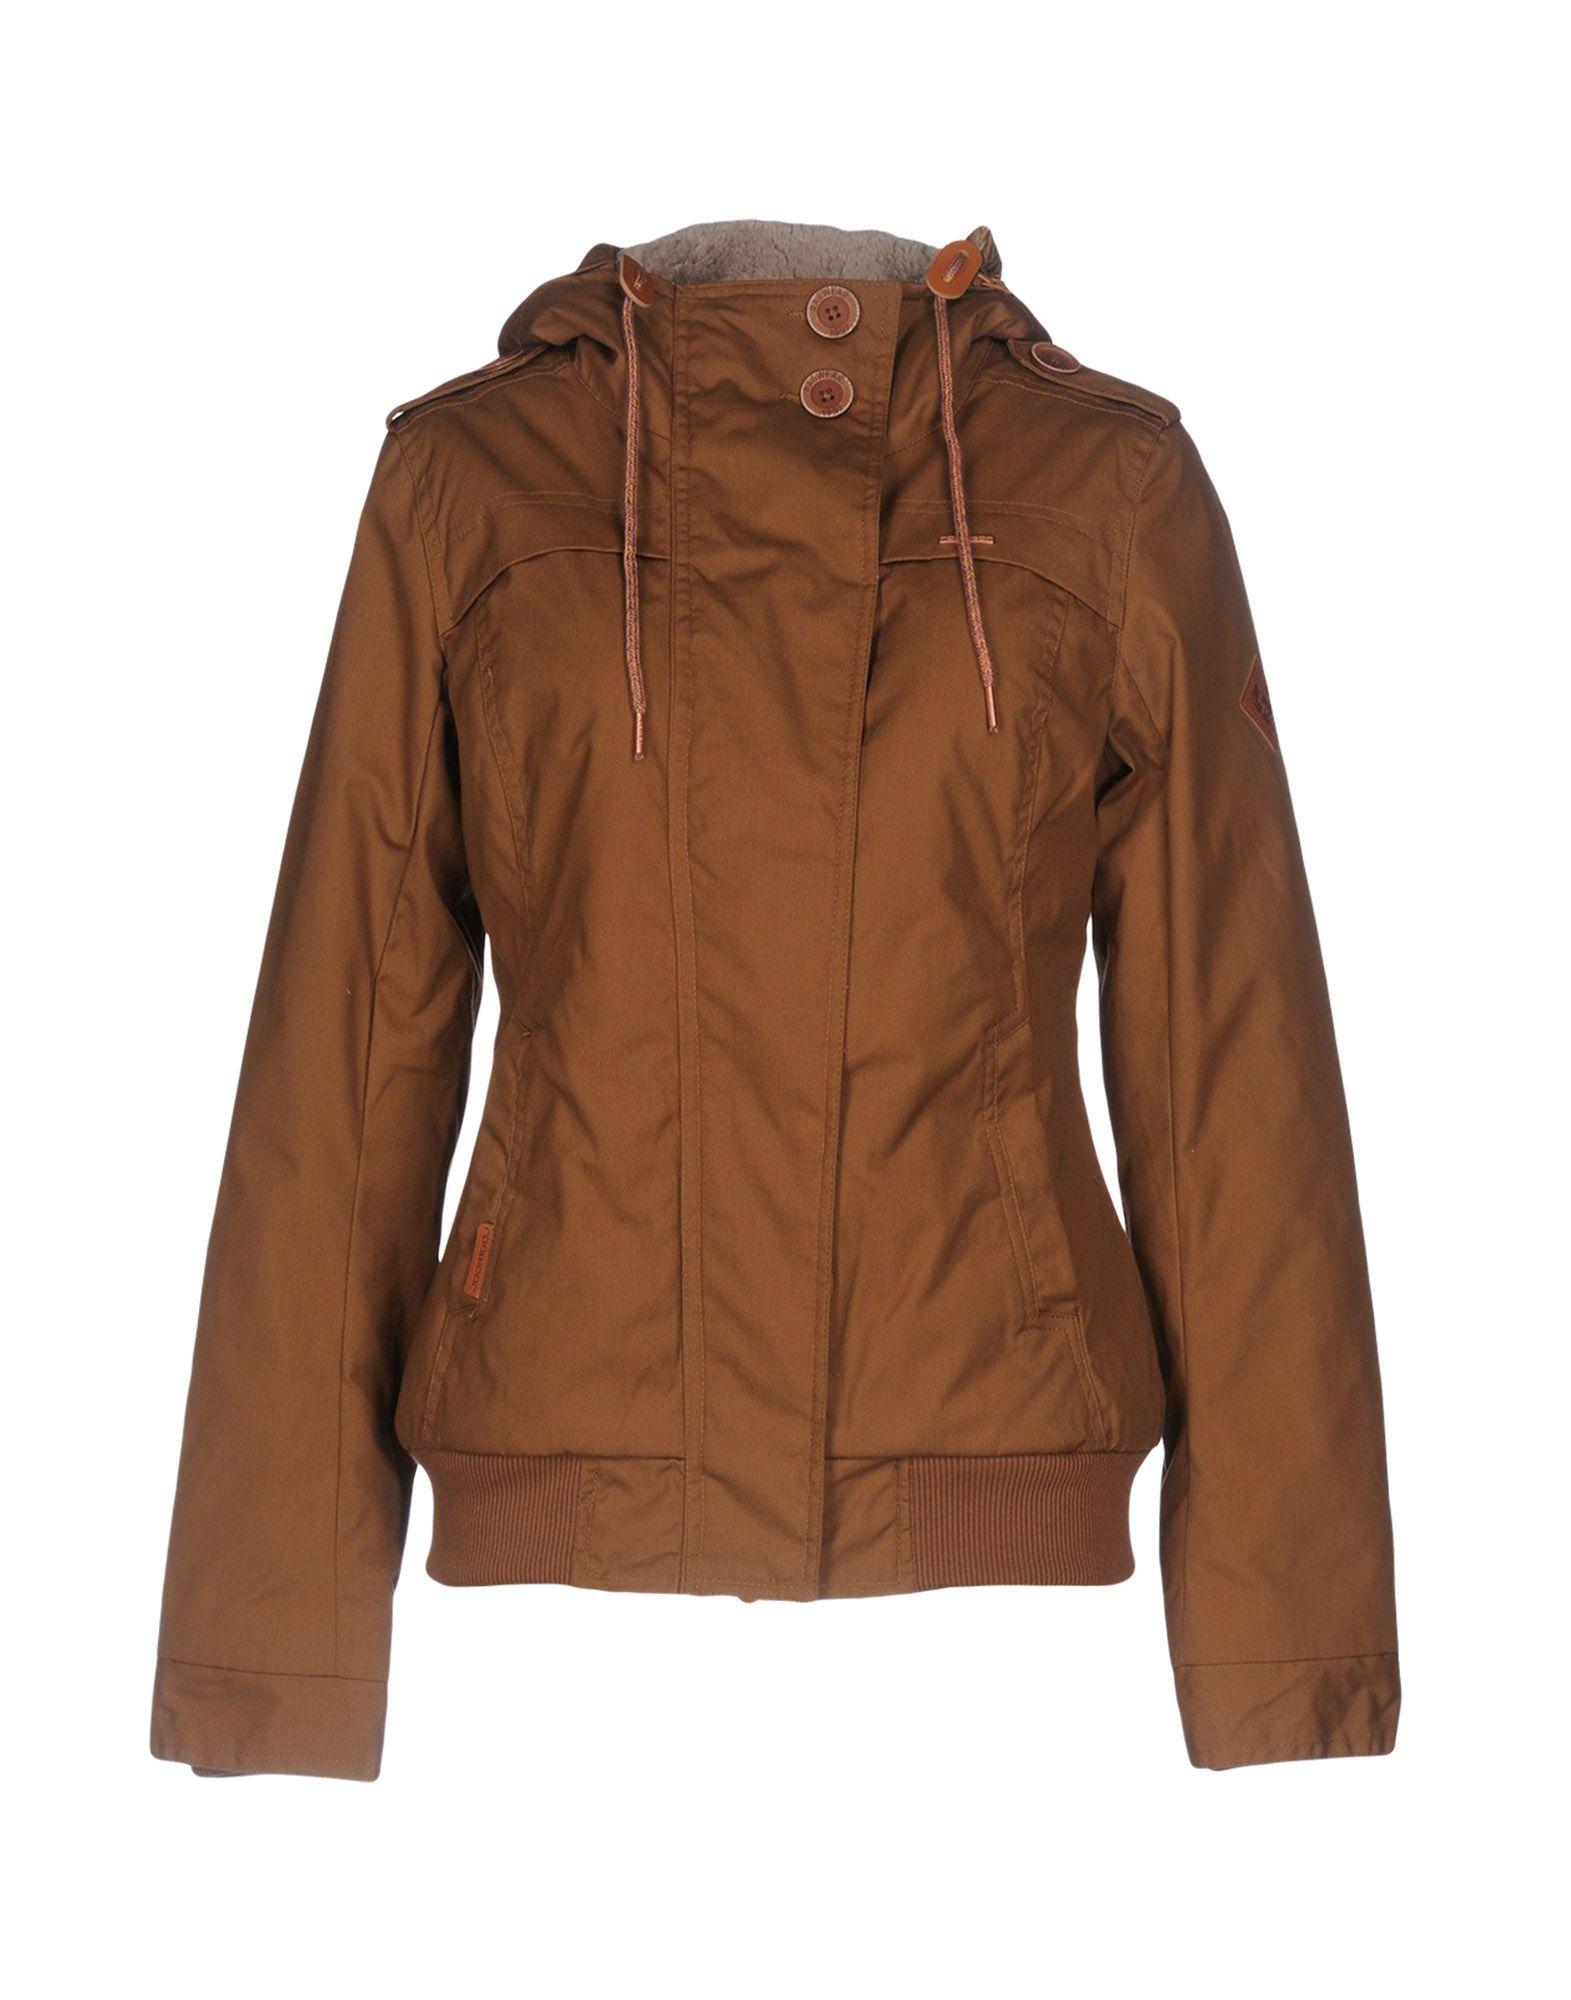 RAGWEAR Damen Jacke Farbe Braun Größe 7